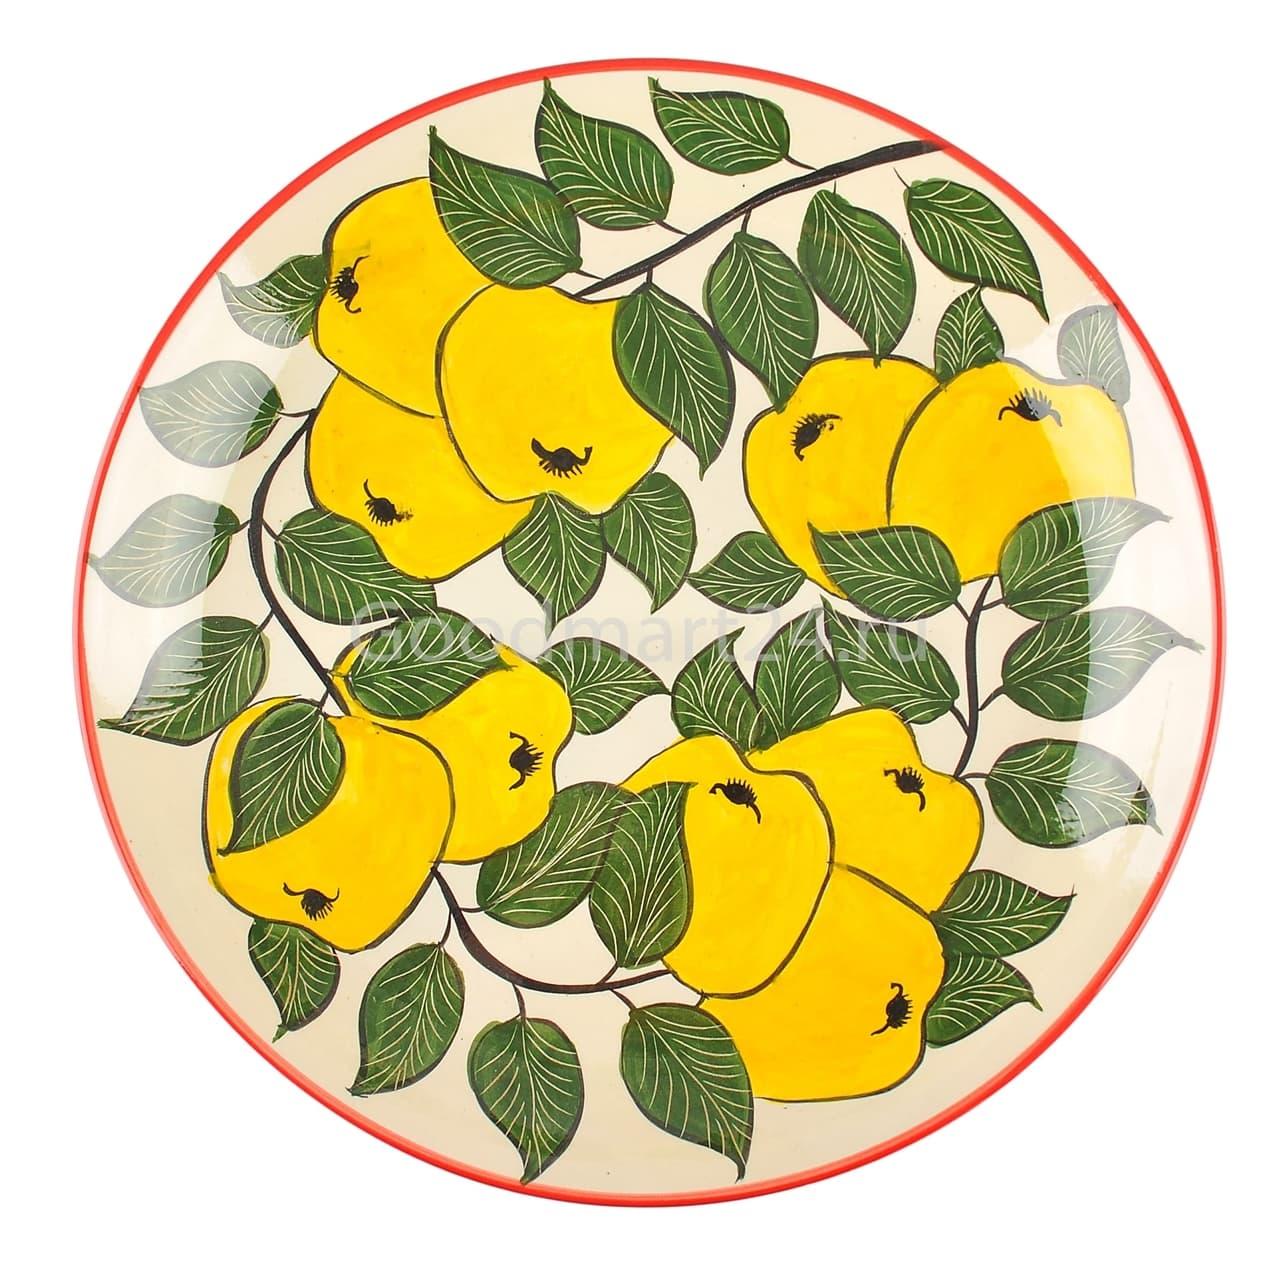 Ляган Риштанская Керамика 38 см. плоский, желтое яблоко - фото 7368